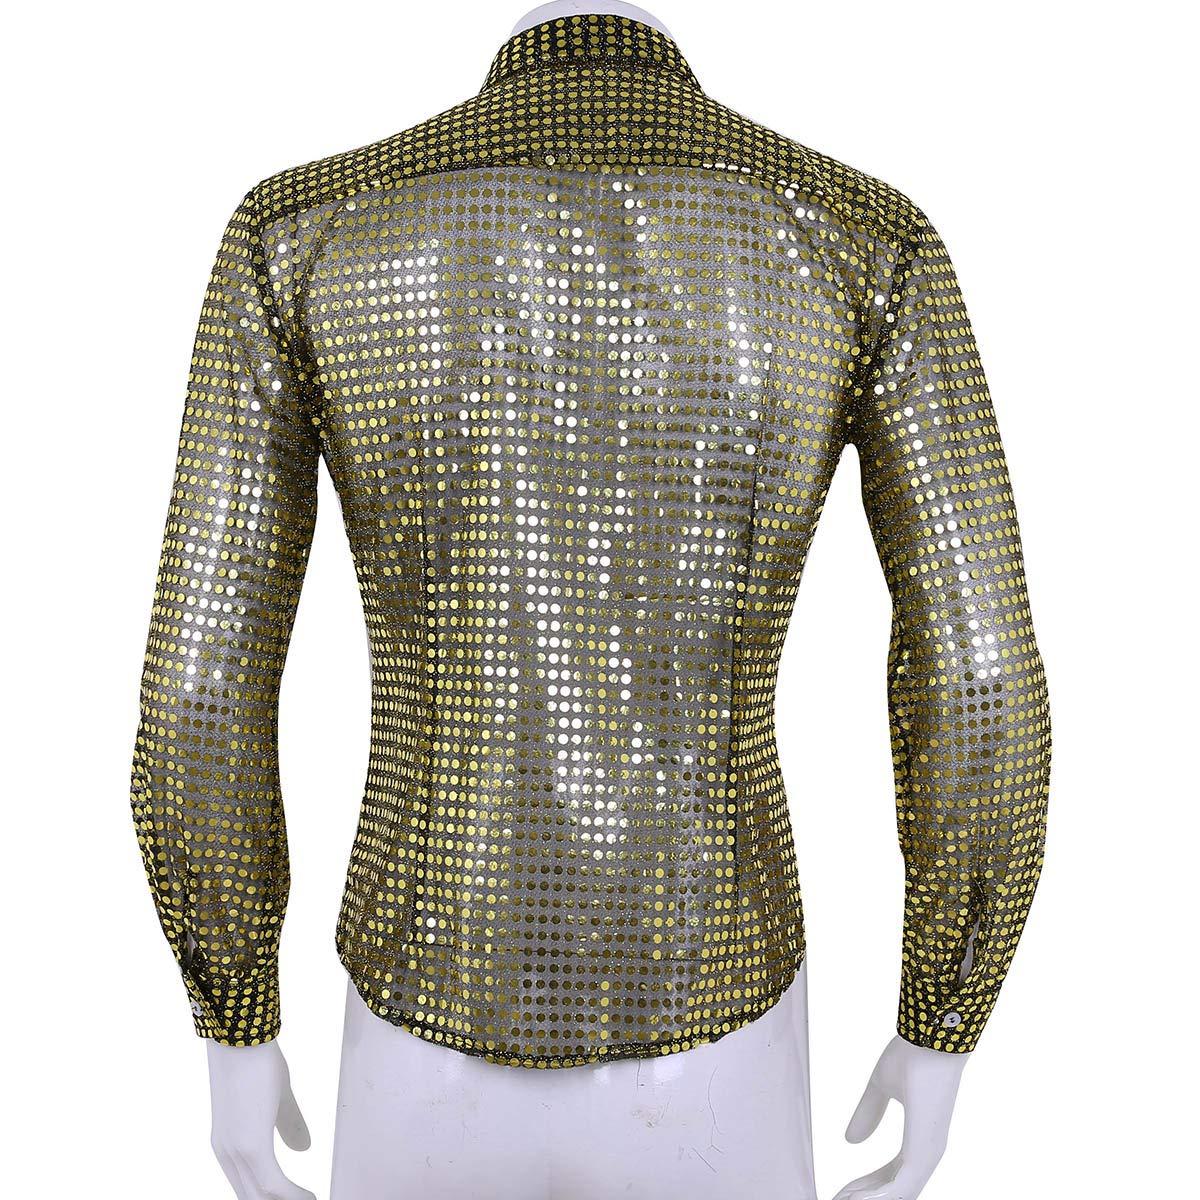 iiniim Herren Hemd Lamgarm Shirt Glänzende Pailletten Tops Party Club  Tanzen Disco Cosplay Shirt M-XL  Amazon.de  Bekleidung 368b580a06